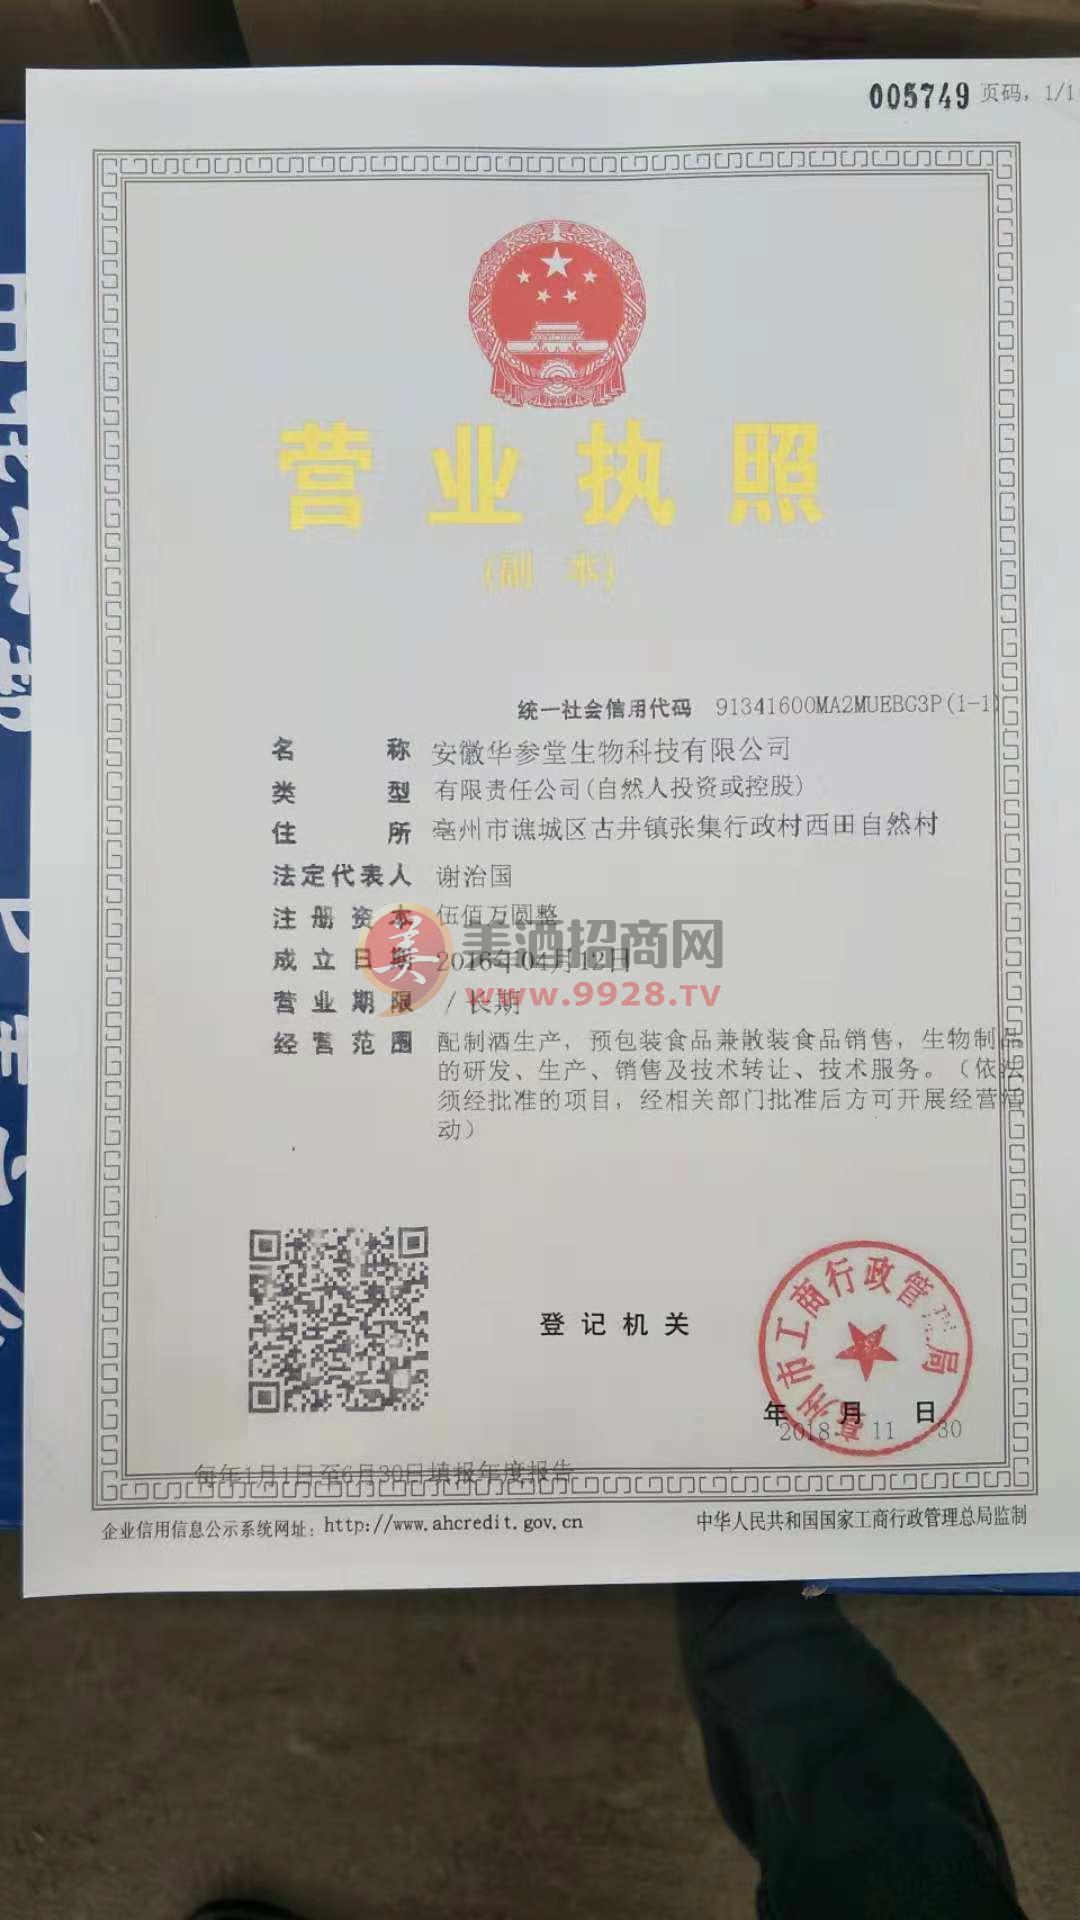 安徽�A�⑻蒙�物科技有限公司